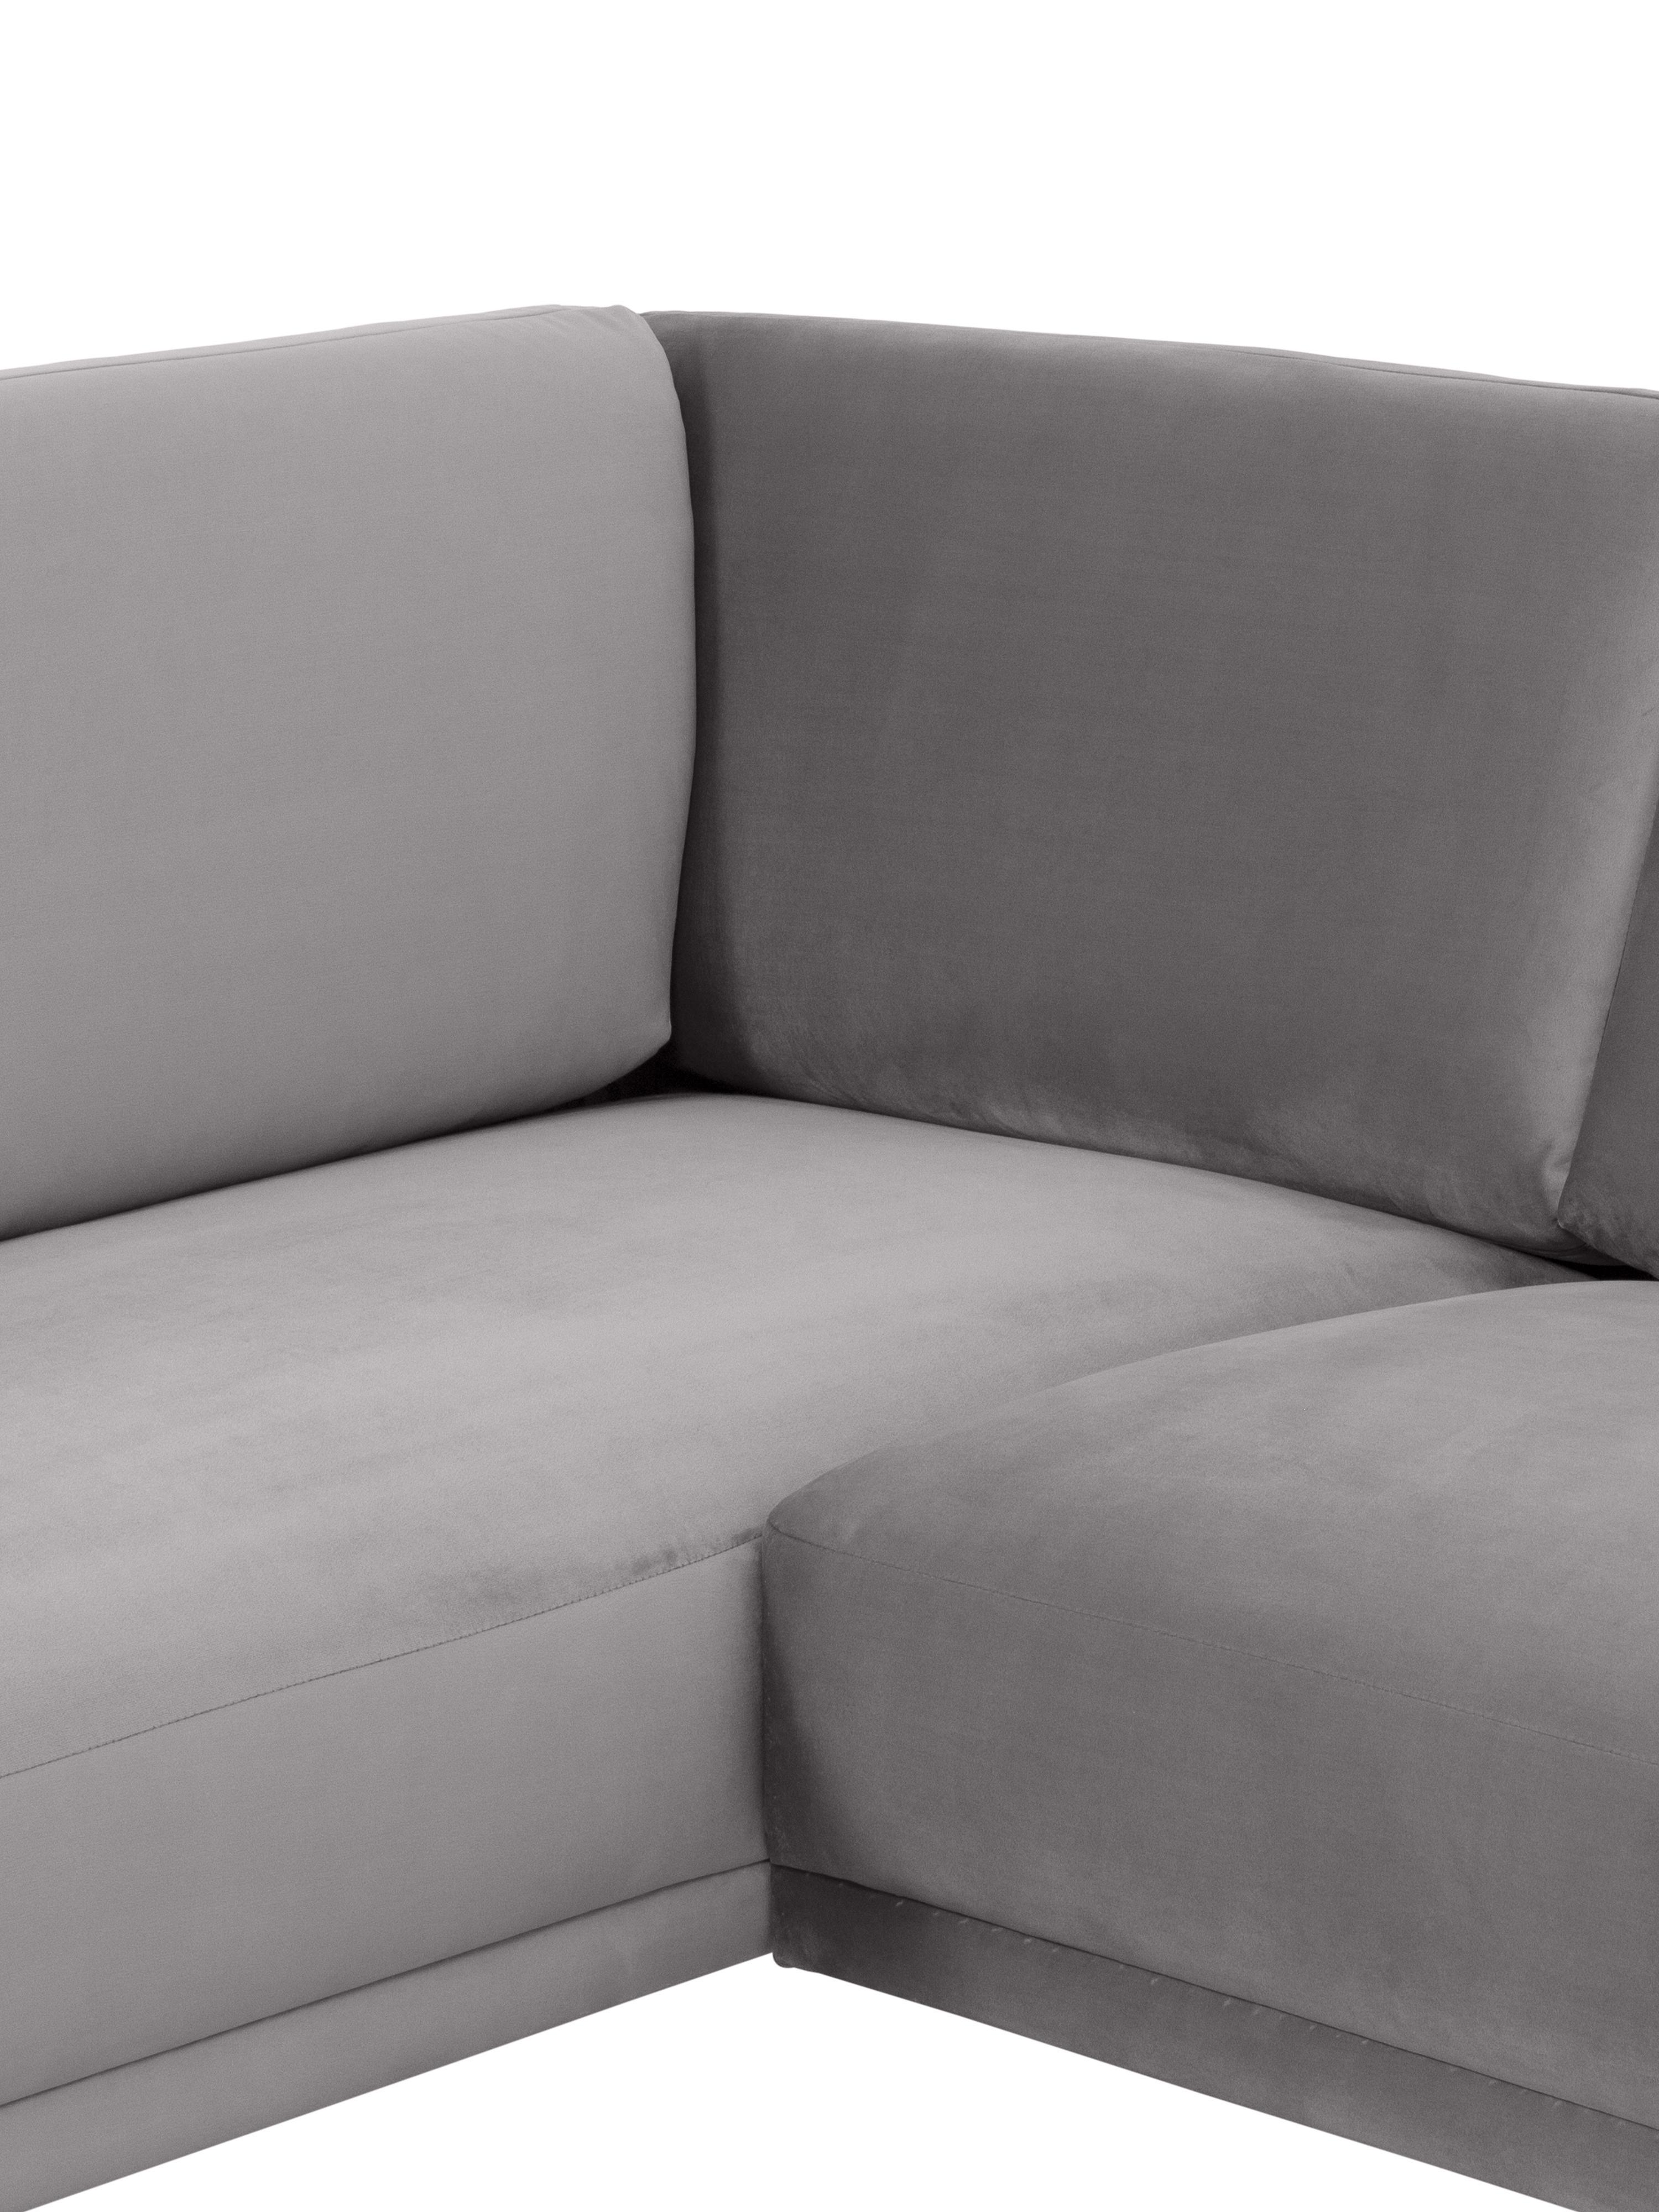 Divano angolare in velluto grigio chiaro Fluente, Rivestimento: velluto (rivestimento in , Struttura: legno di pino massiccio, Piedini: metallo verniciato a polv, Velluto grigio chiaro, Larg. 221 x Prof. 200 cm